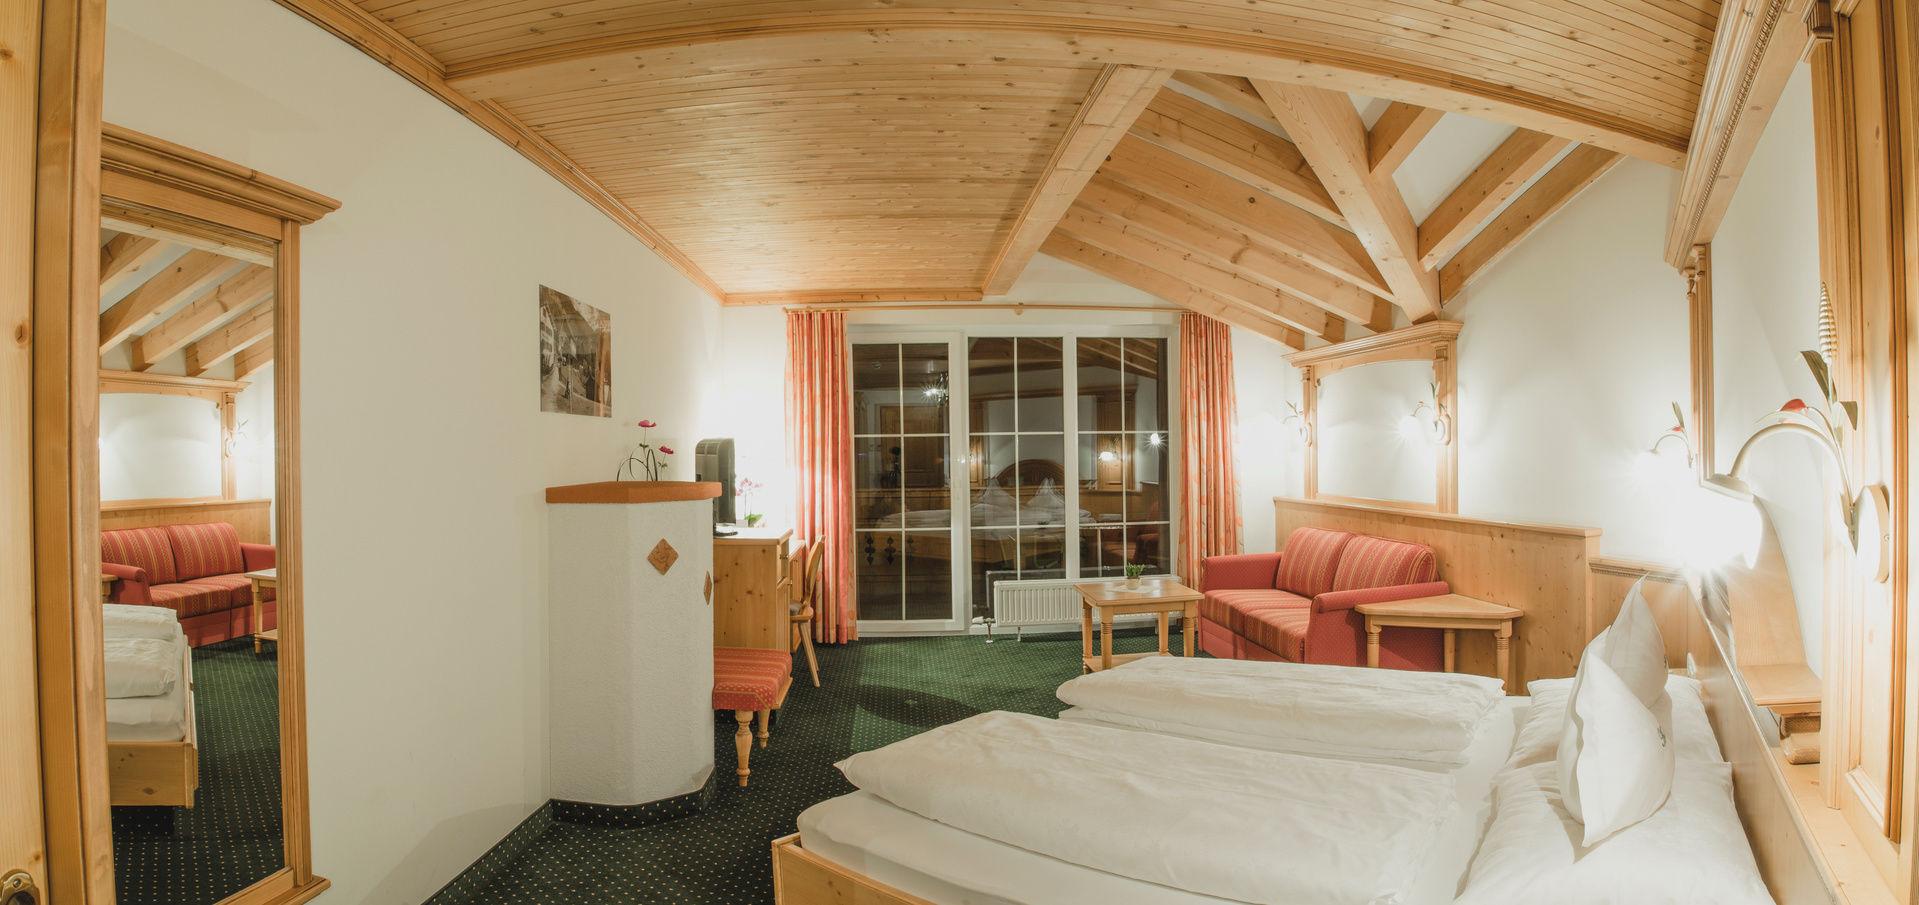 skifahren vorarlberg montafon 4 sterne hotels montafon. Black Bedroom Furniture Sets. Home Design Ideas